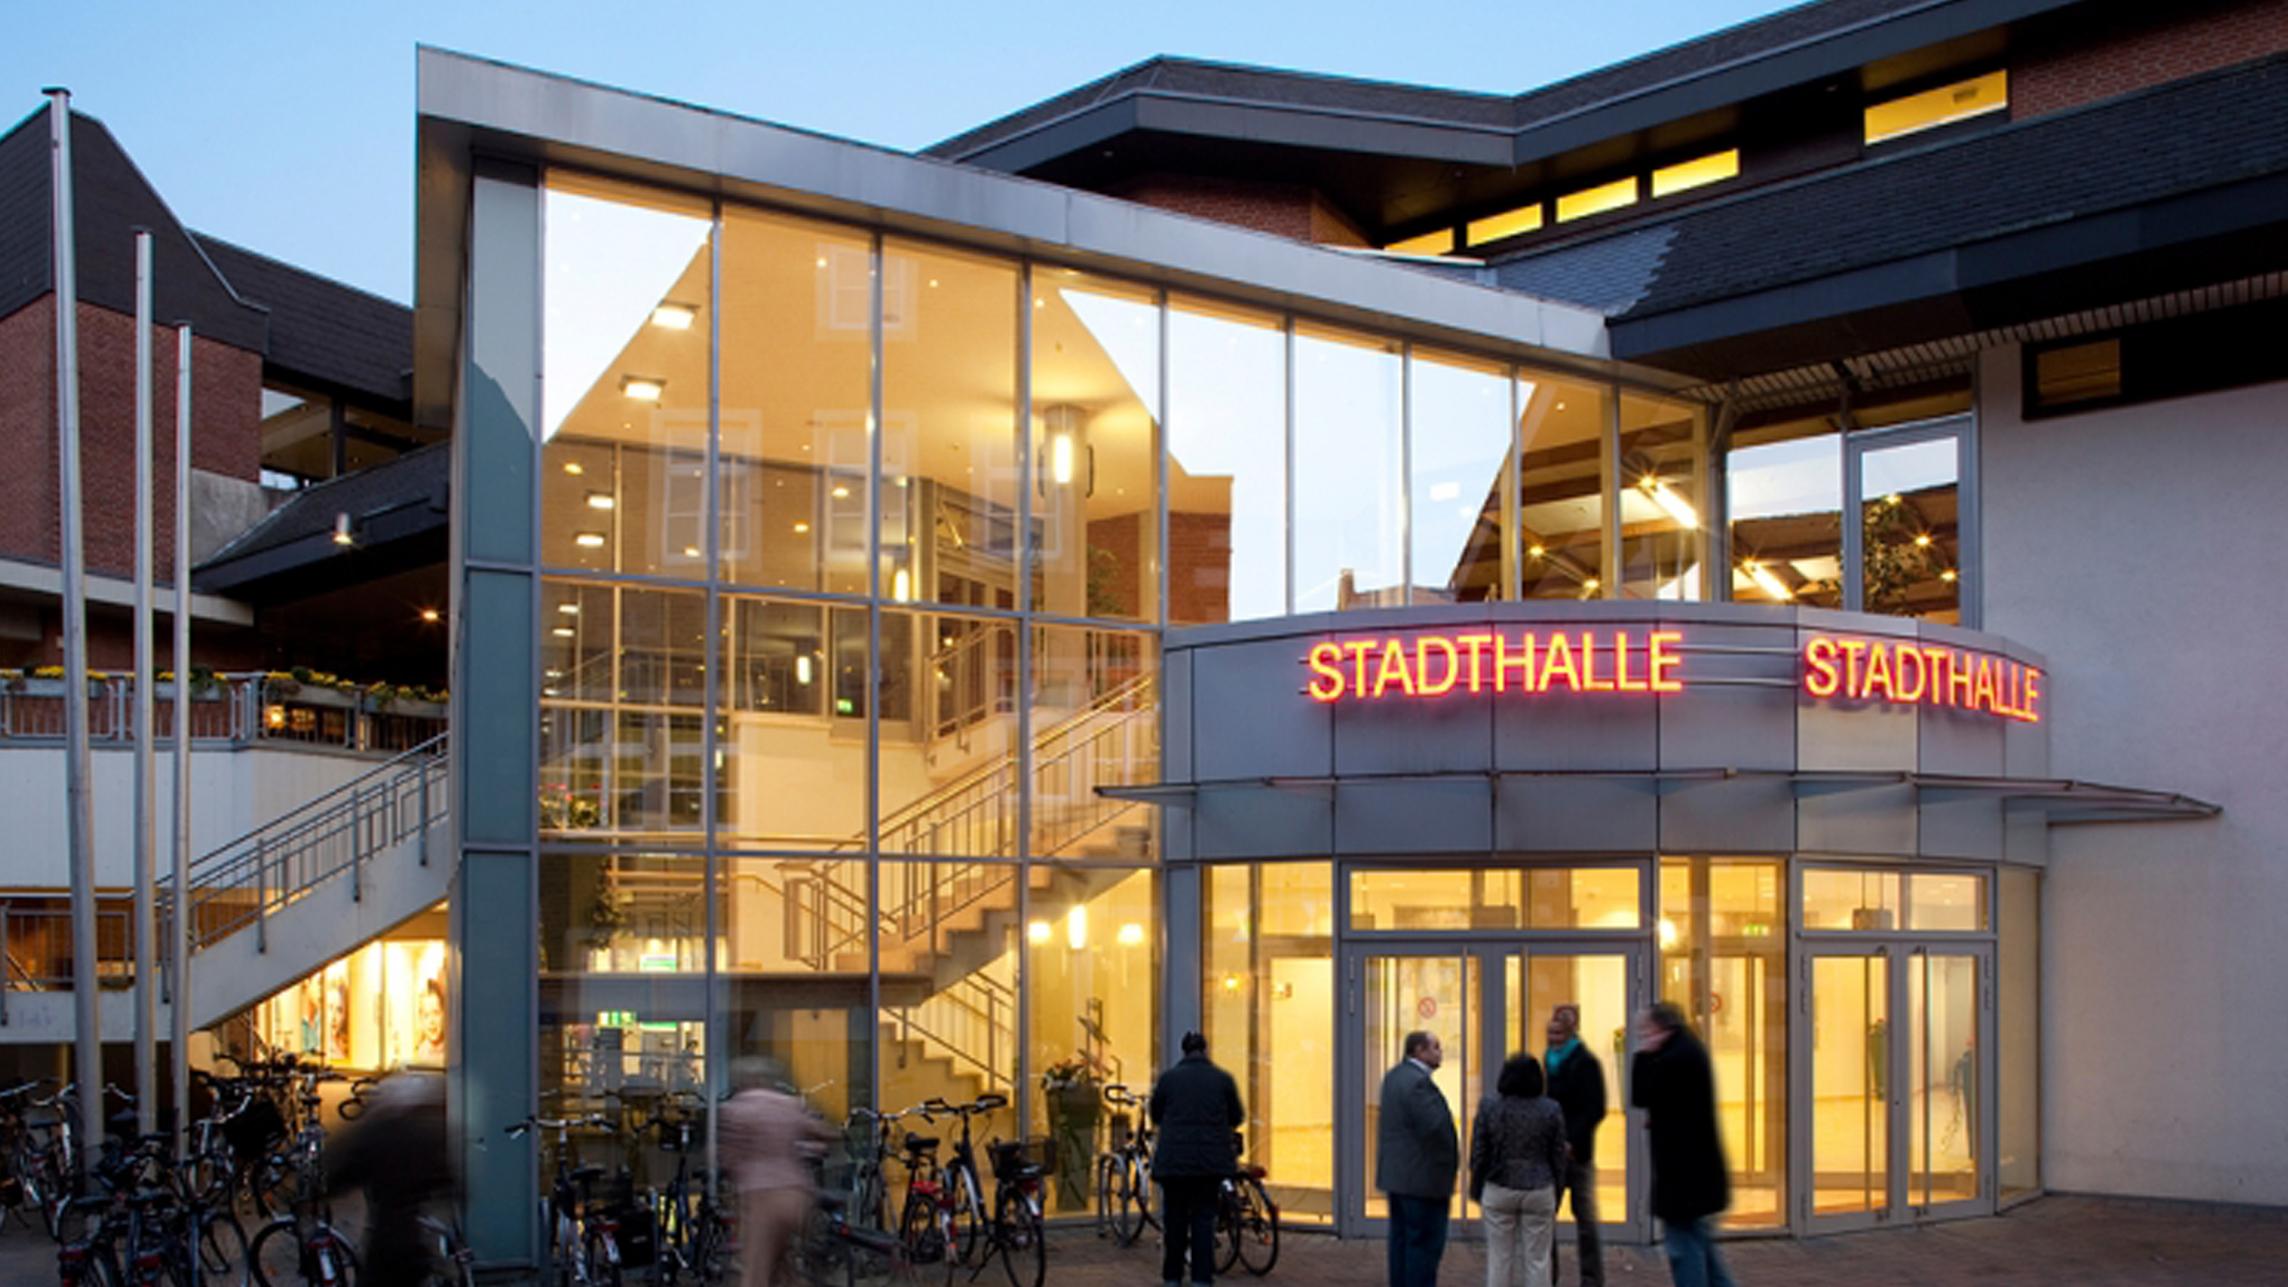 Town_Hall_Vennehof_Borken-1